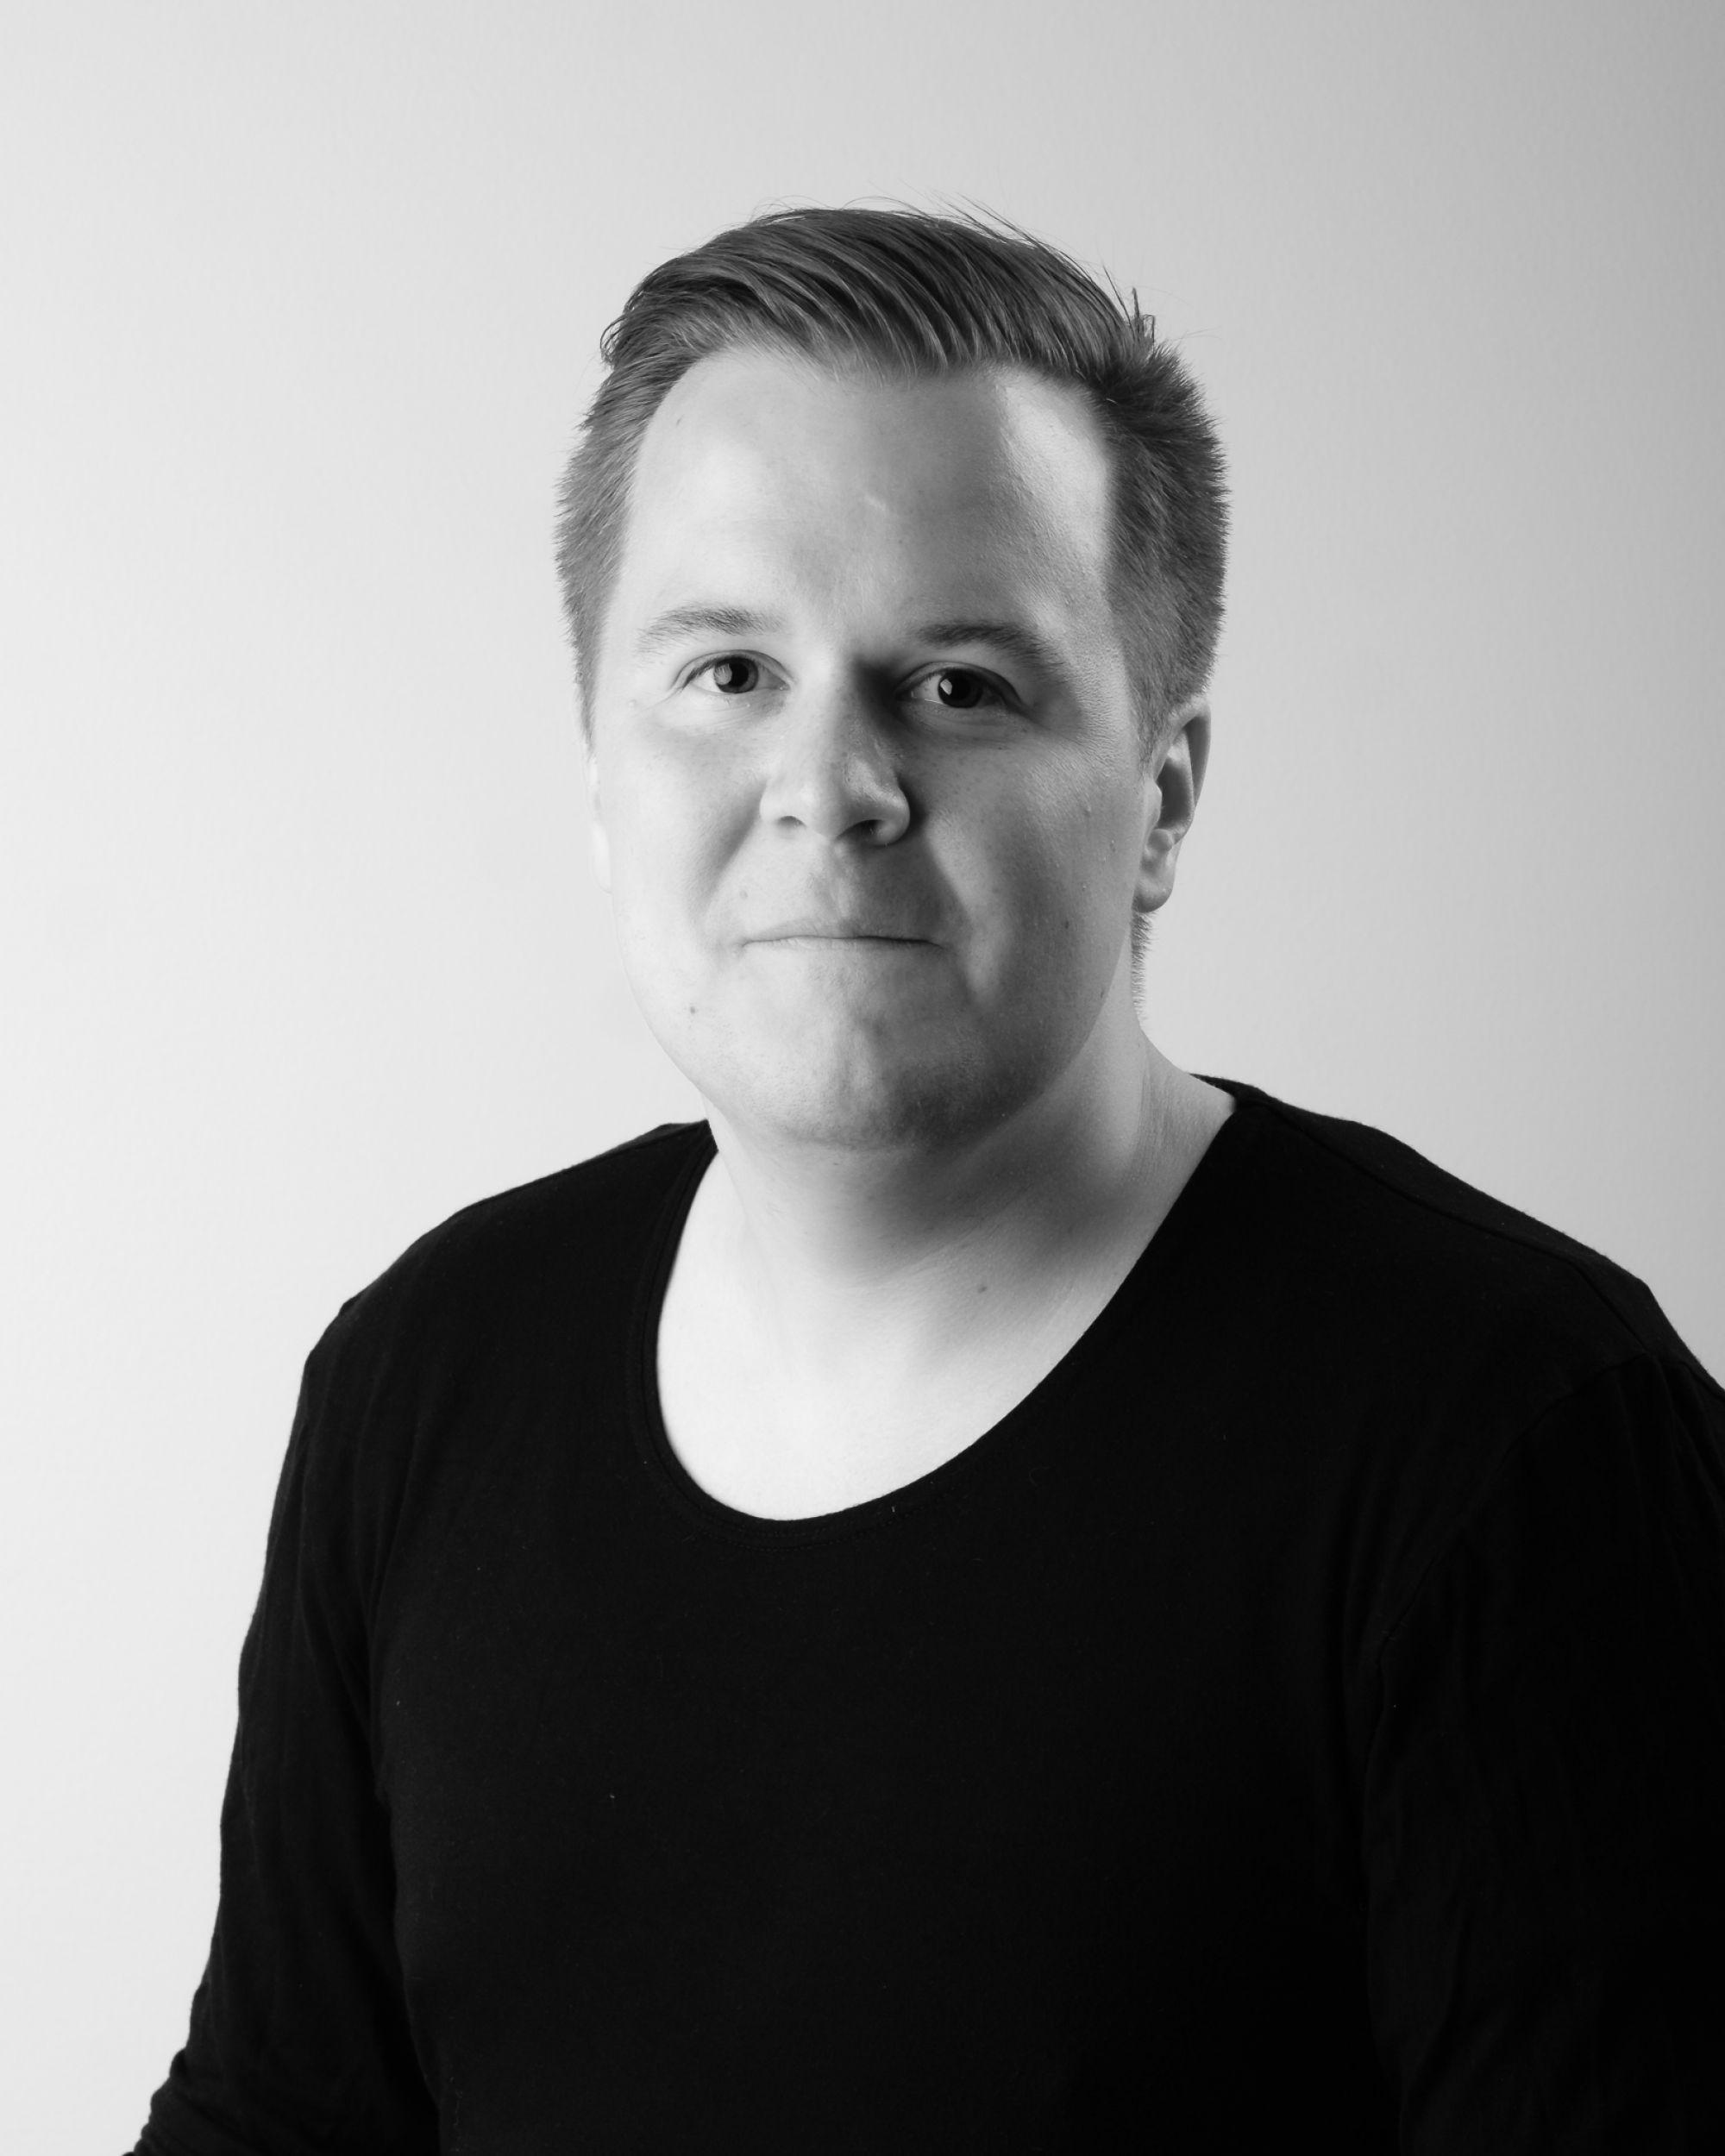 Petteri Rintamäki